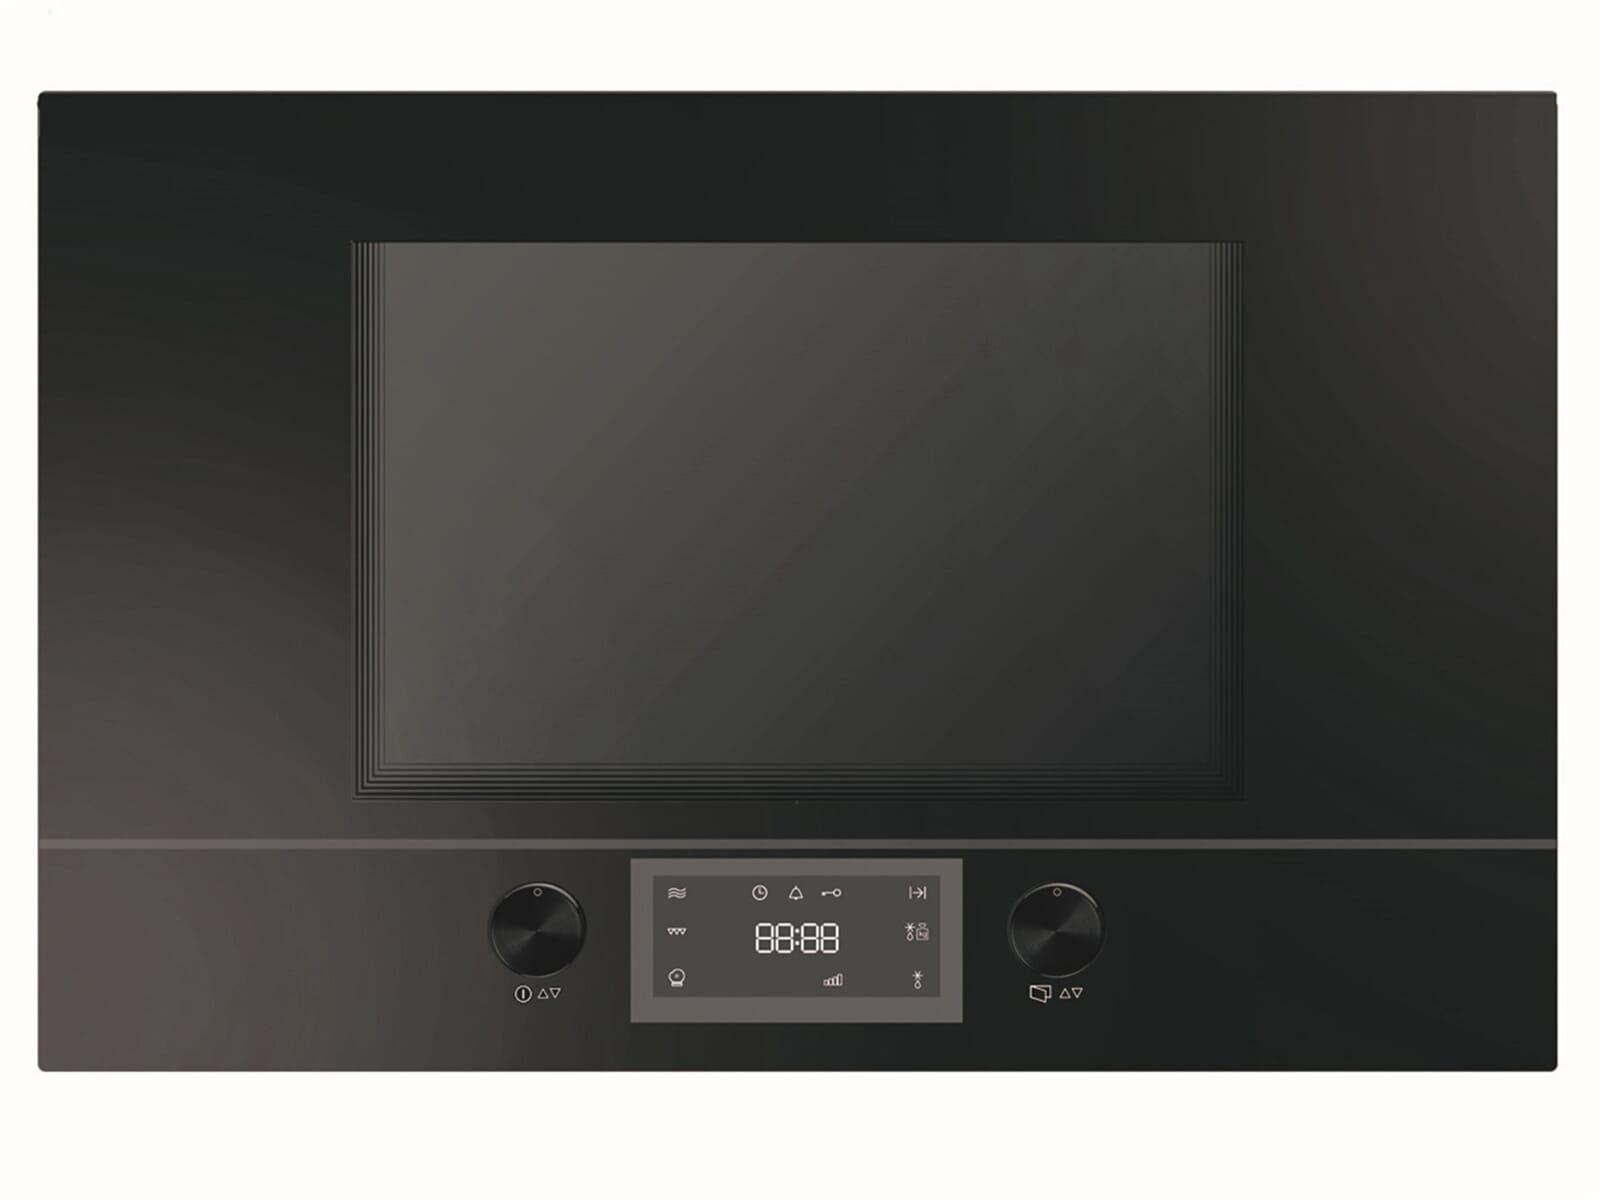 Küppersbusch ML 6330.0 S K-Series. 3 Einbau-Mikrowelle Schwarz